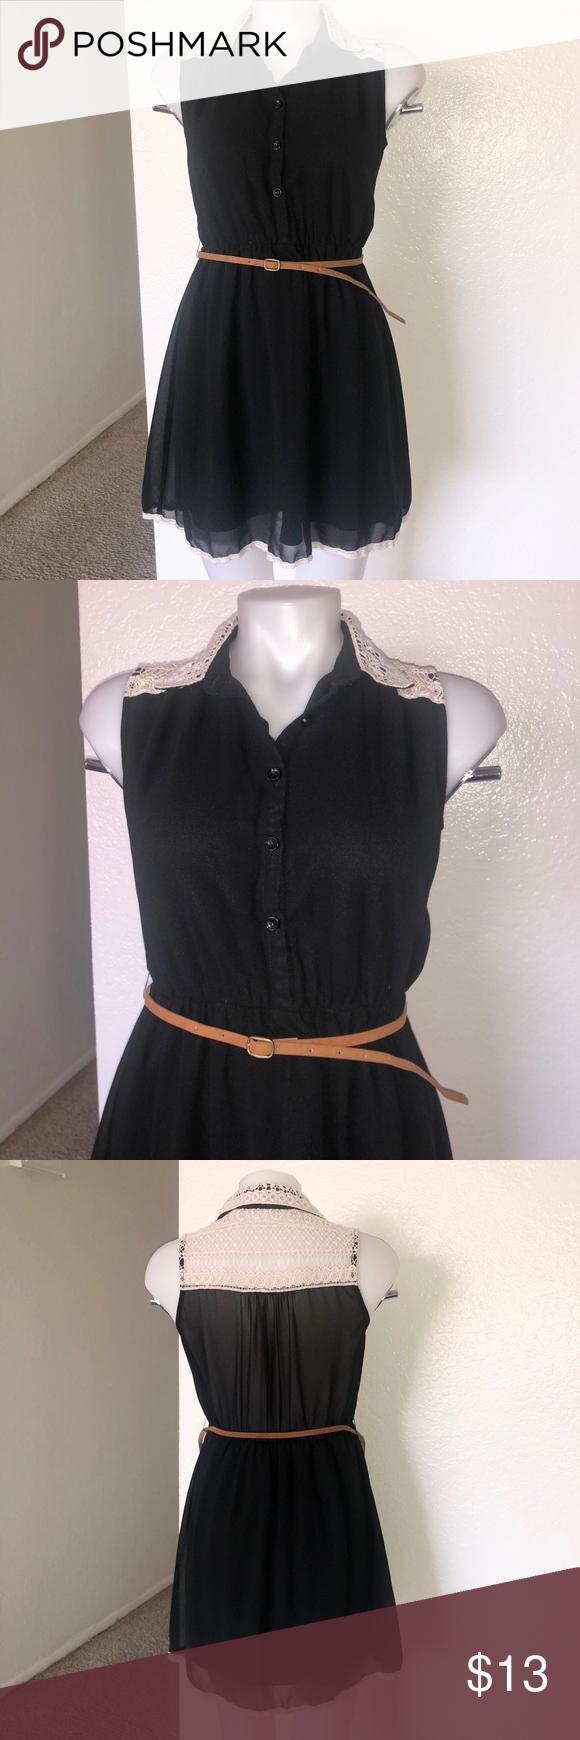 Black Dress With Belt Clothes Design Colorful Dresses Fashion [ 1740 x 580 Pixel ]